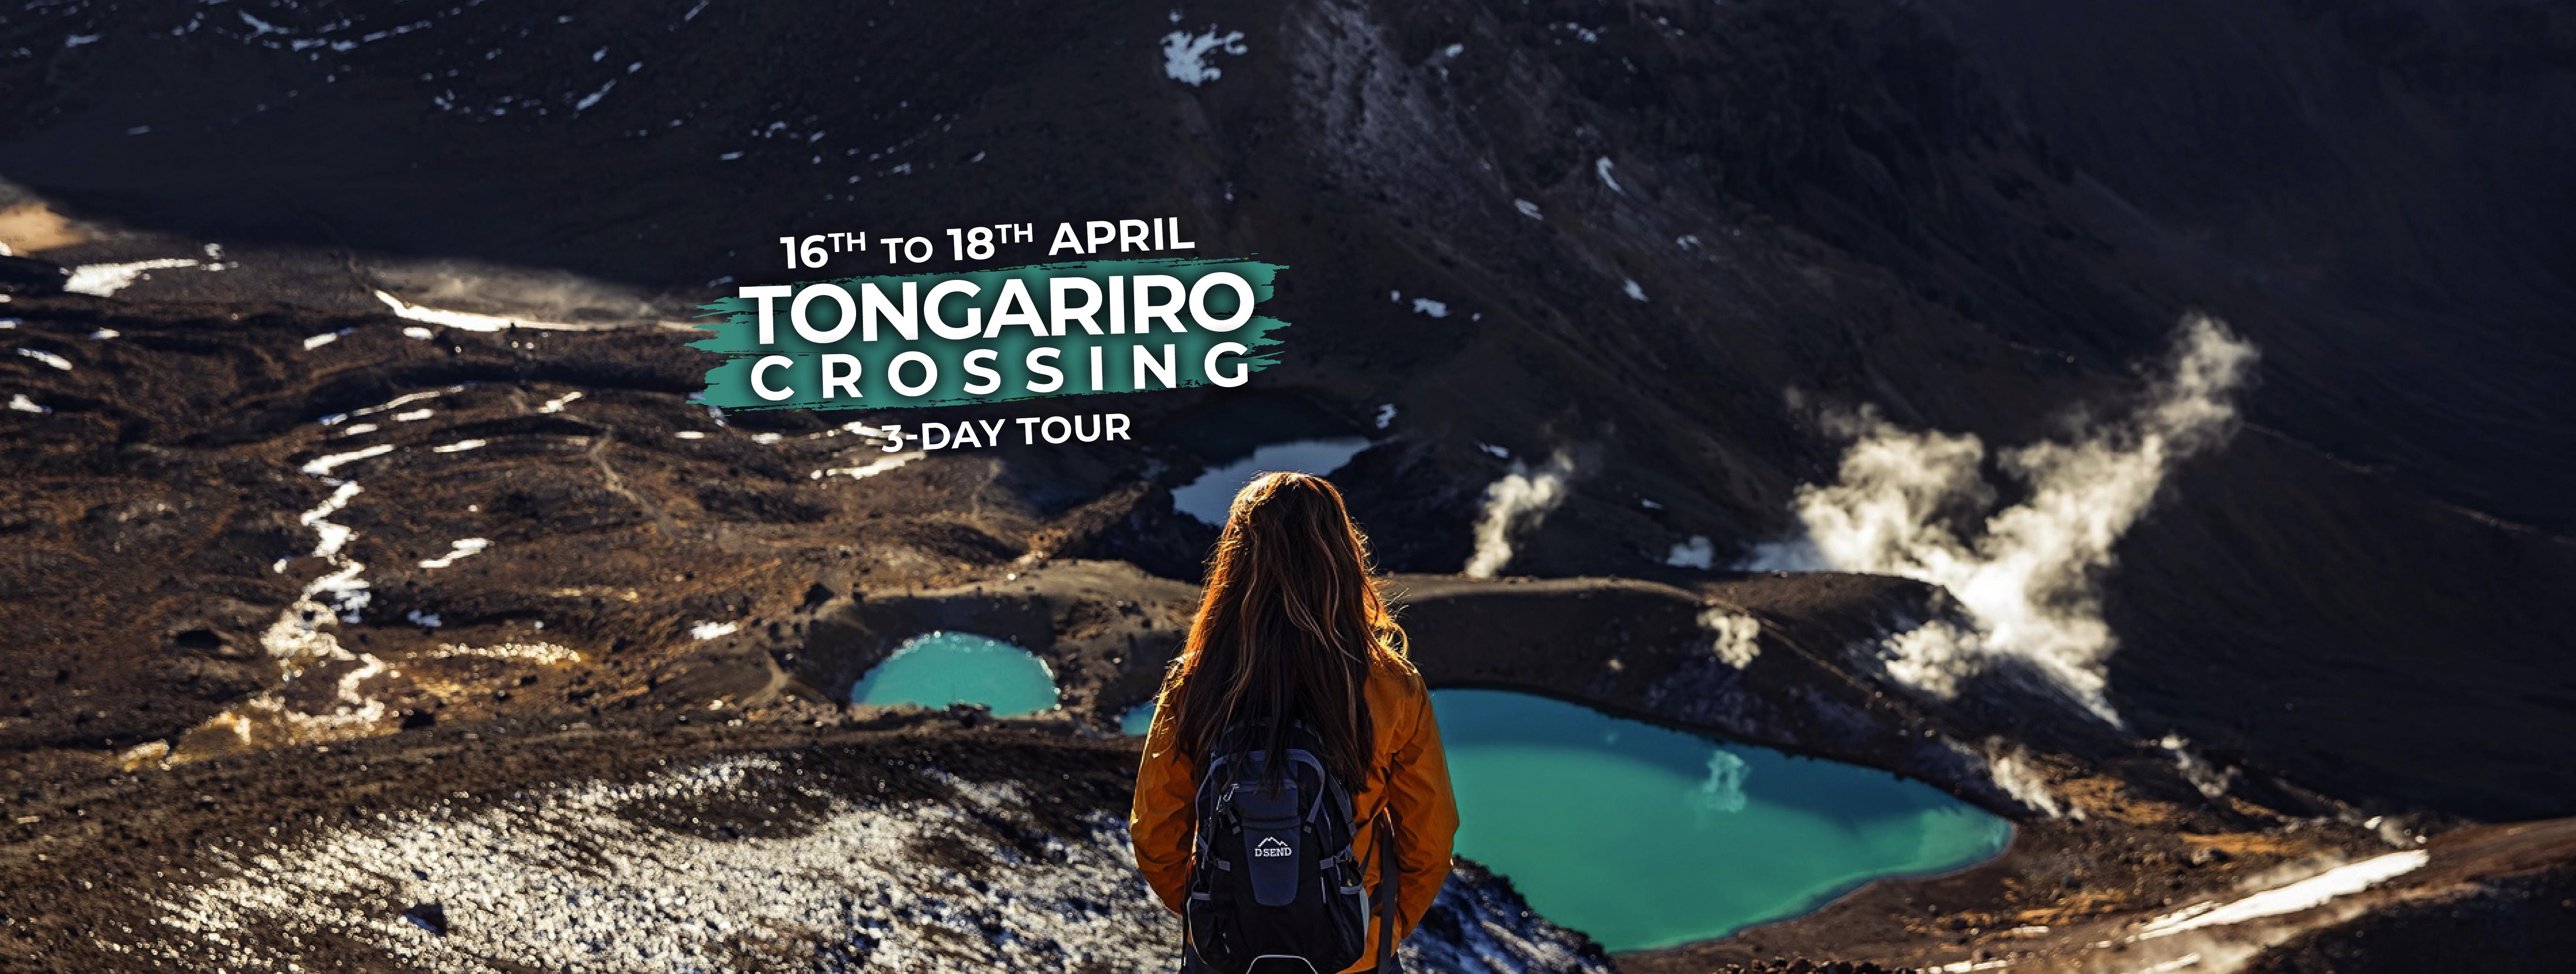 Banner Website Tongariro Crossing 16th t